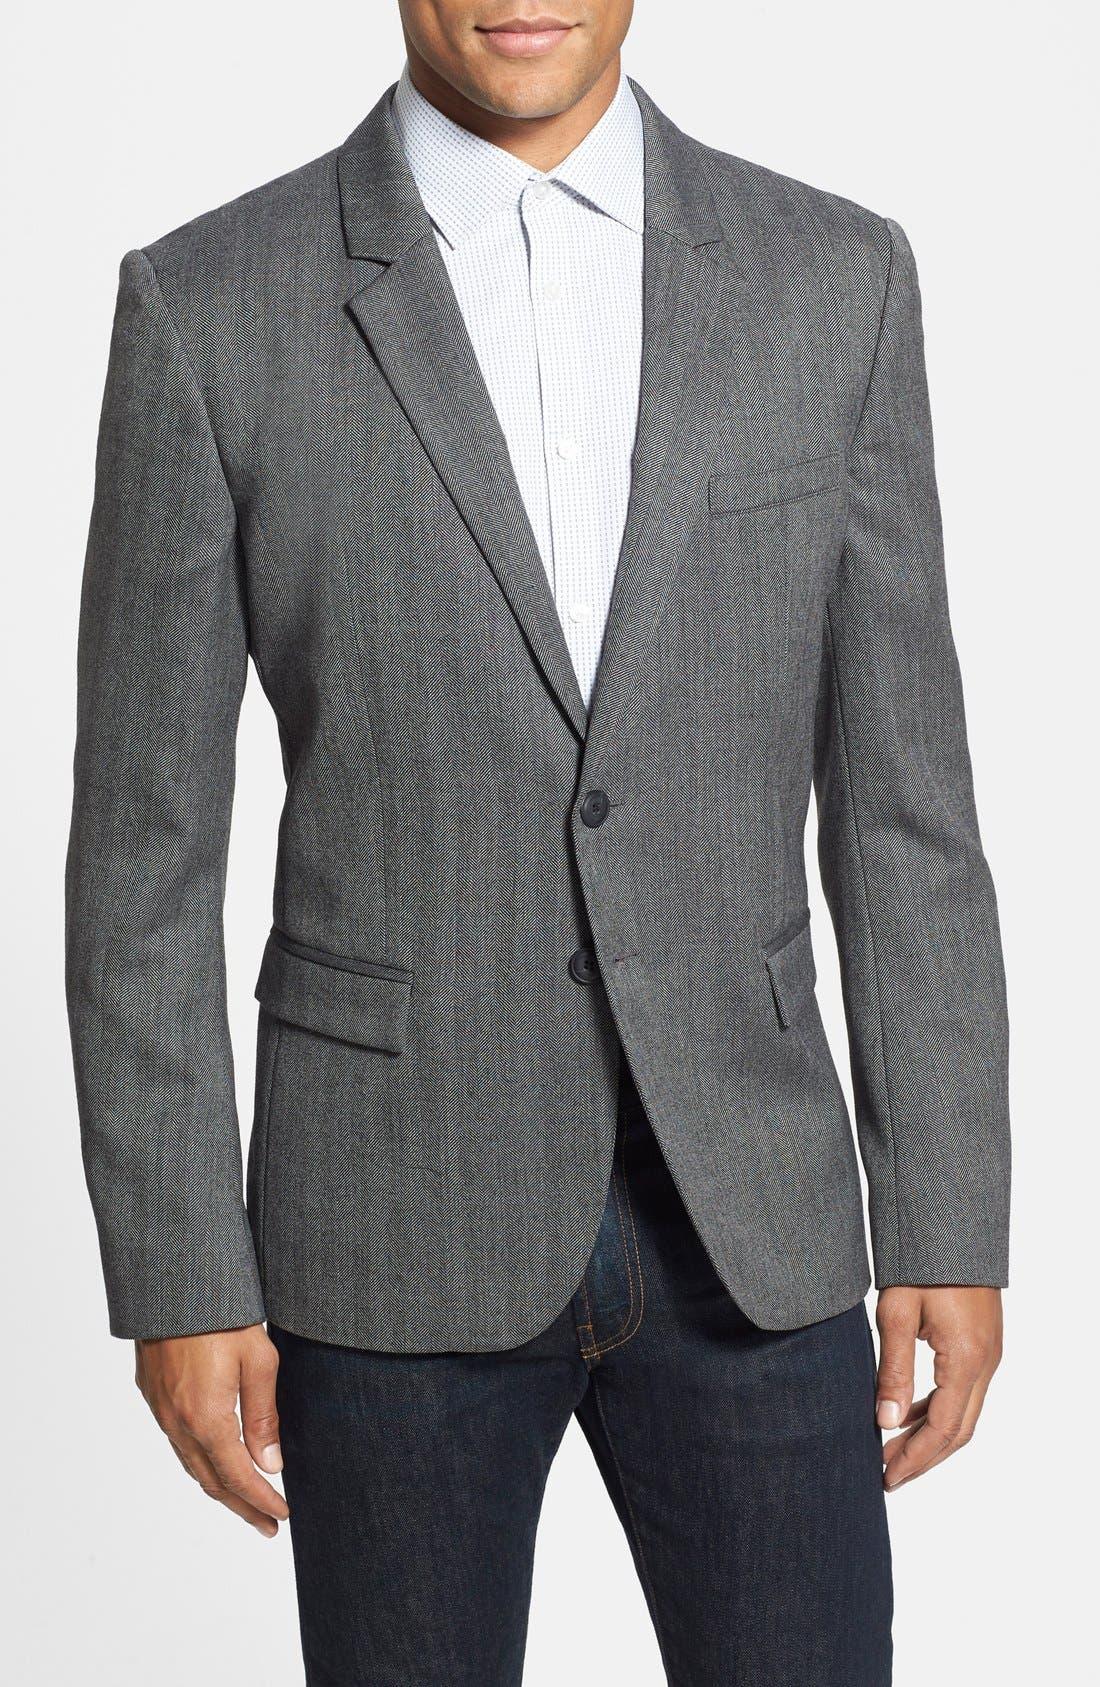 ZZDNUHUGO BOSS HUGO 'Arux' Trim Fit Herringbone Sport Coat, Main, color, 077